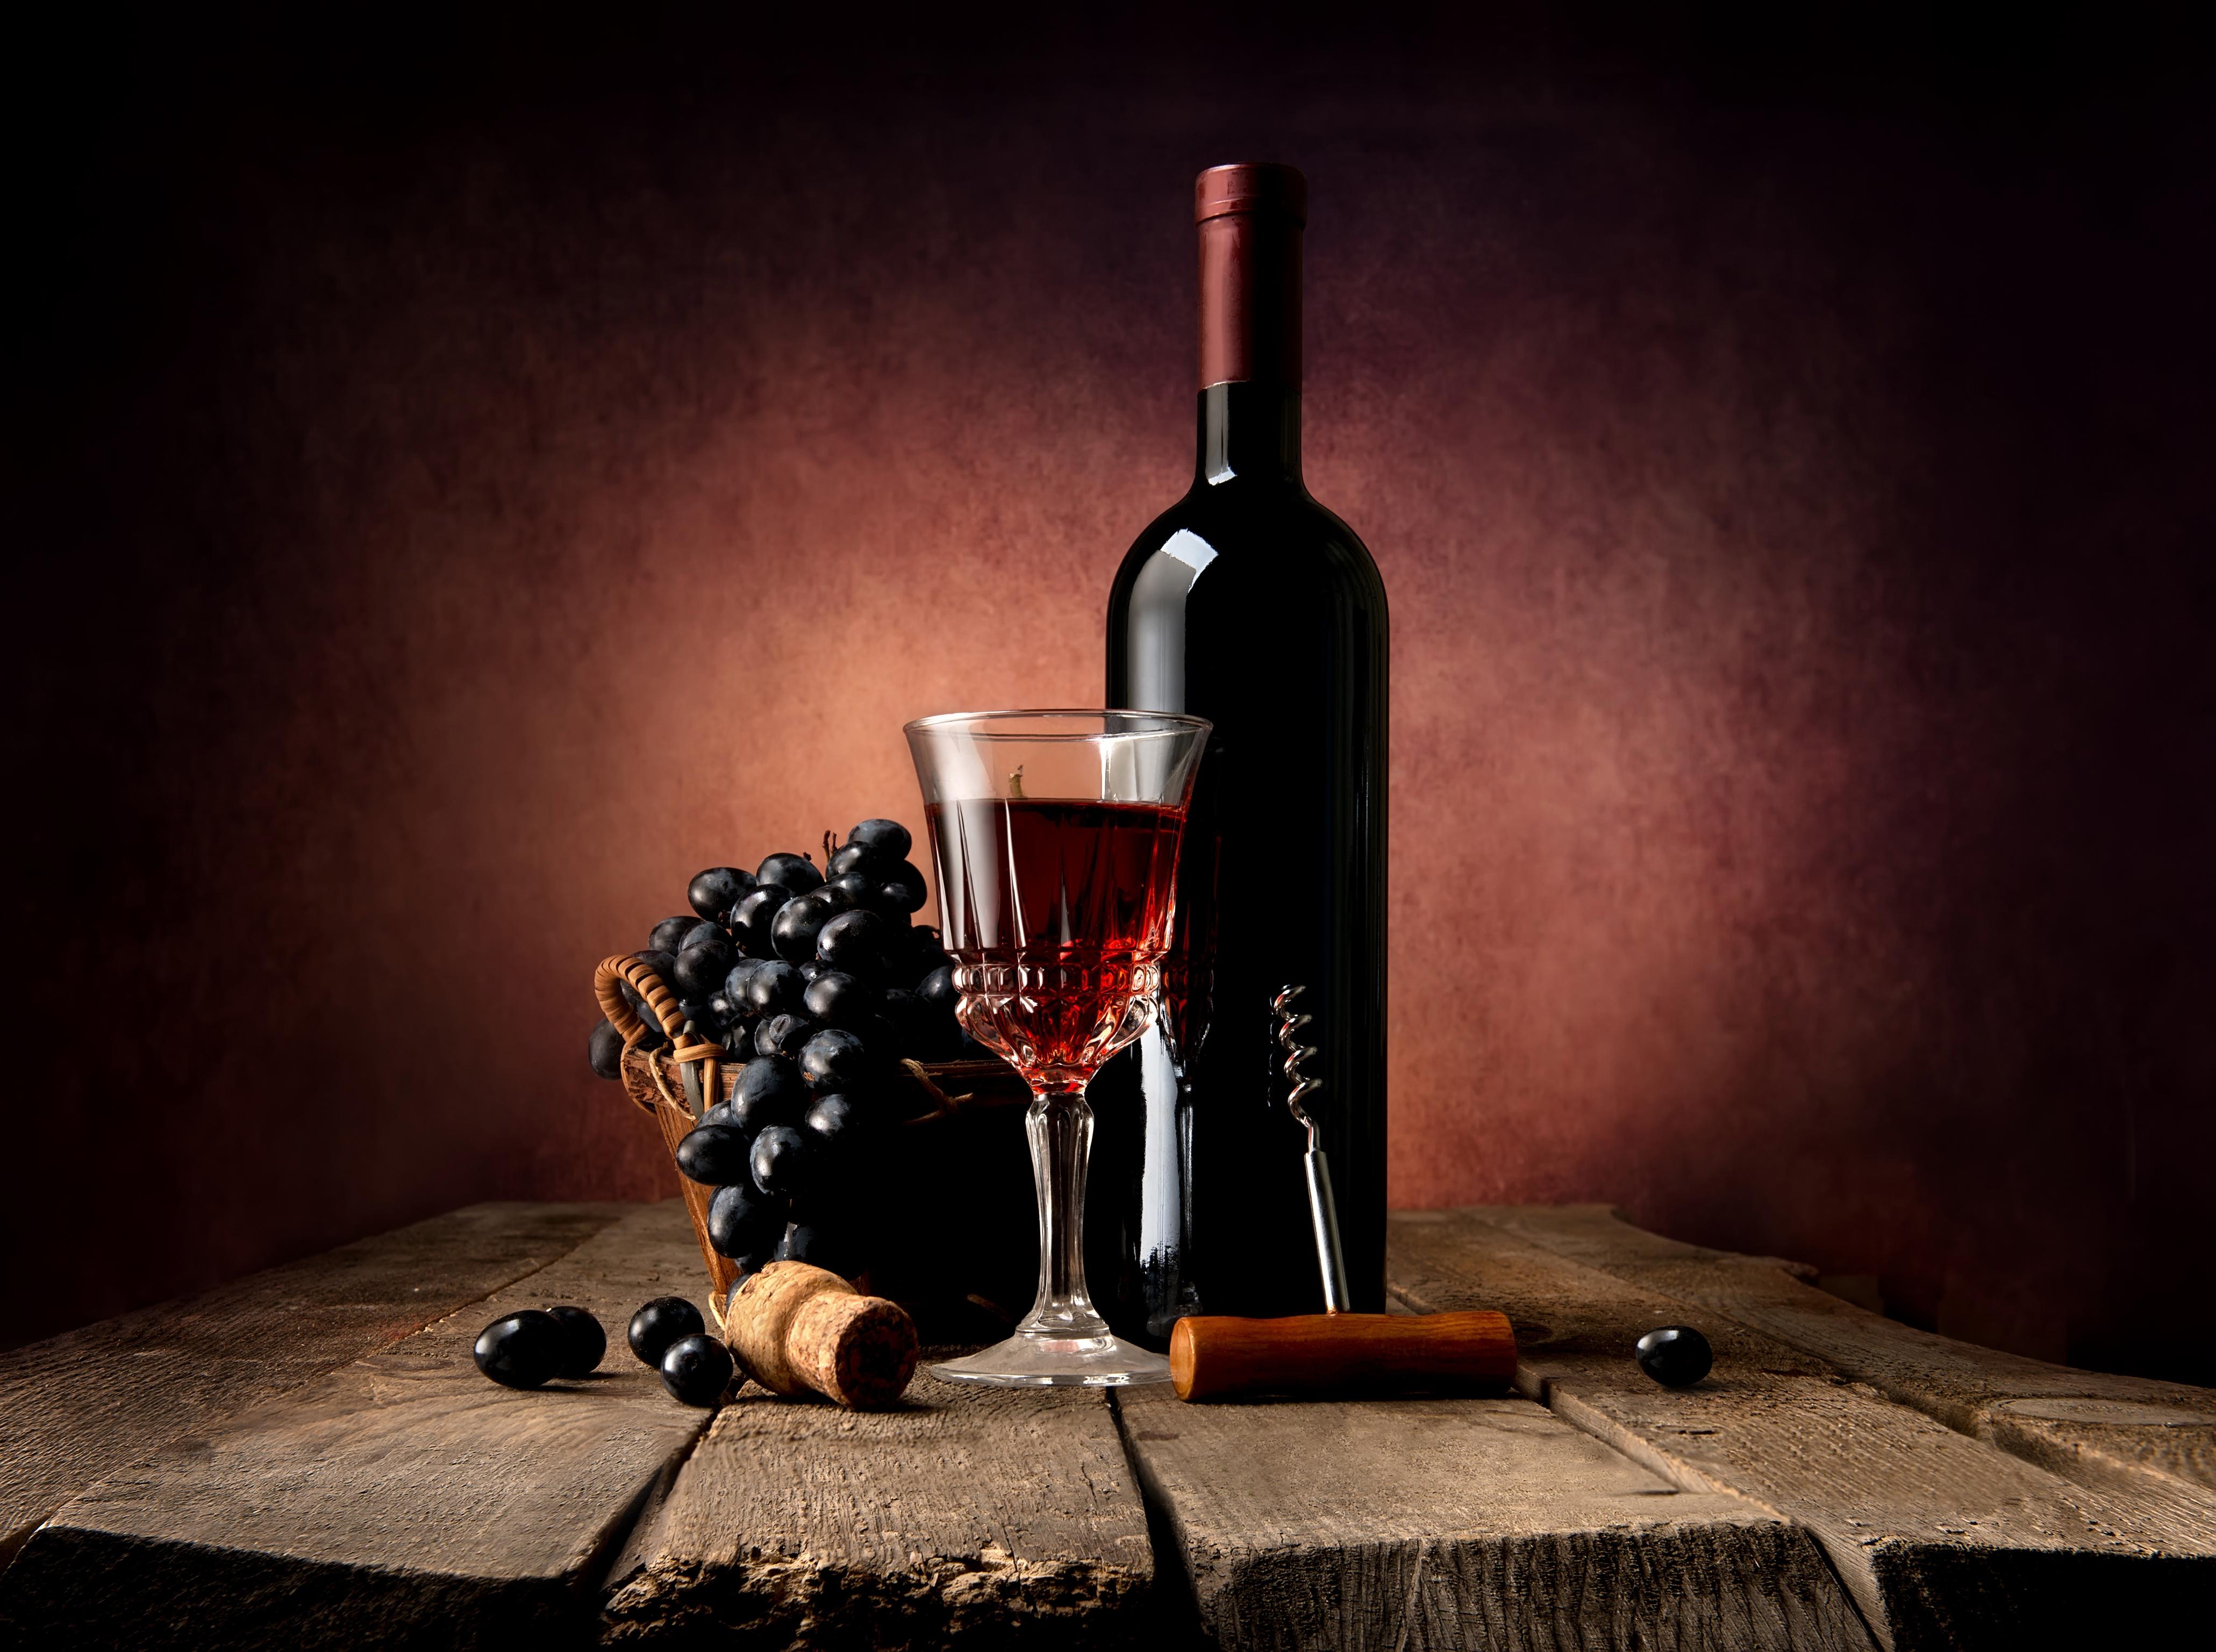 Картинки бокал вина на столе, ягода